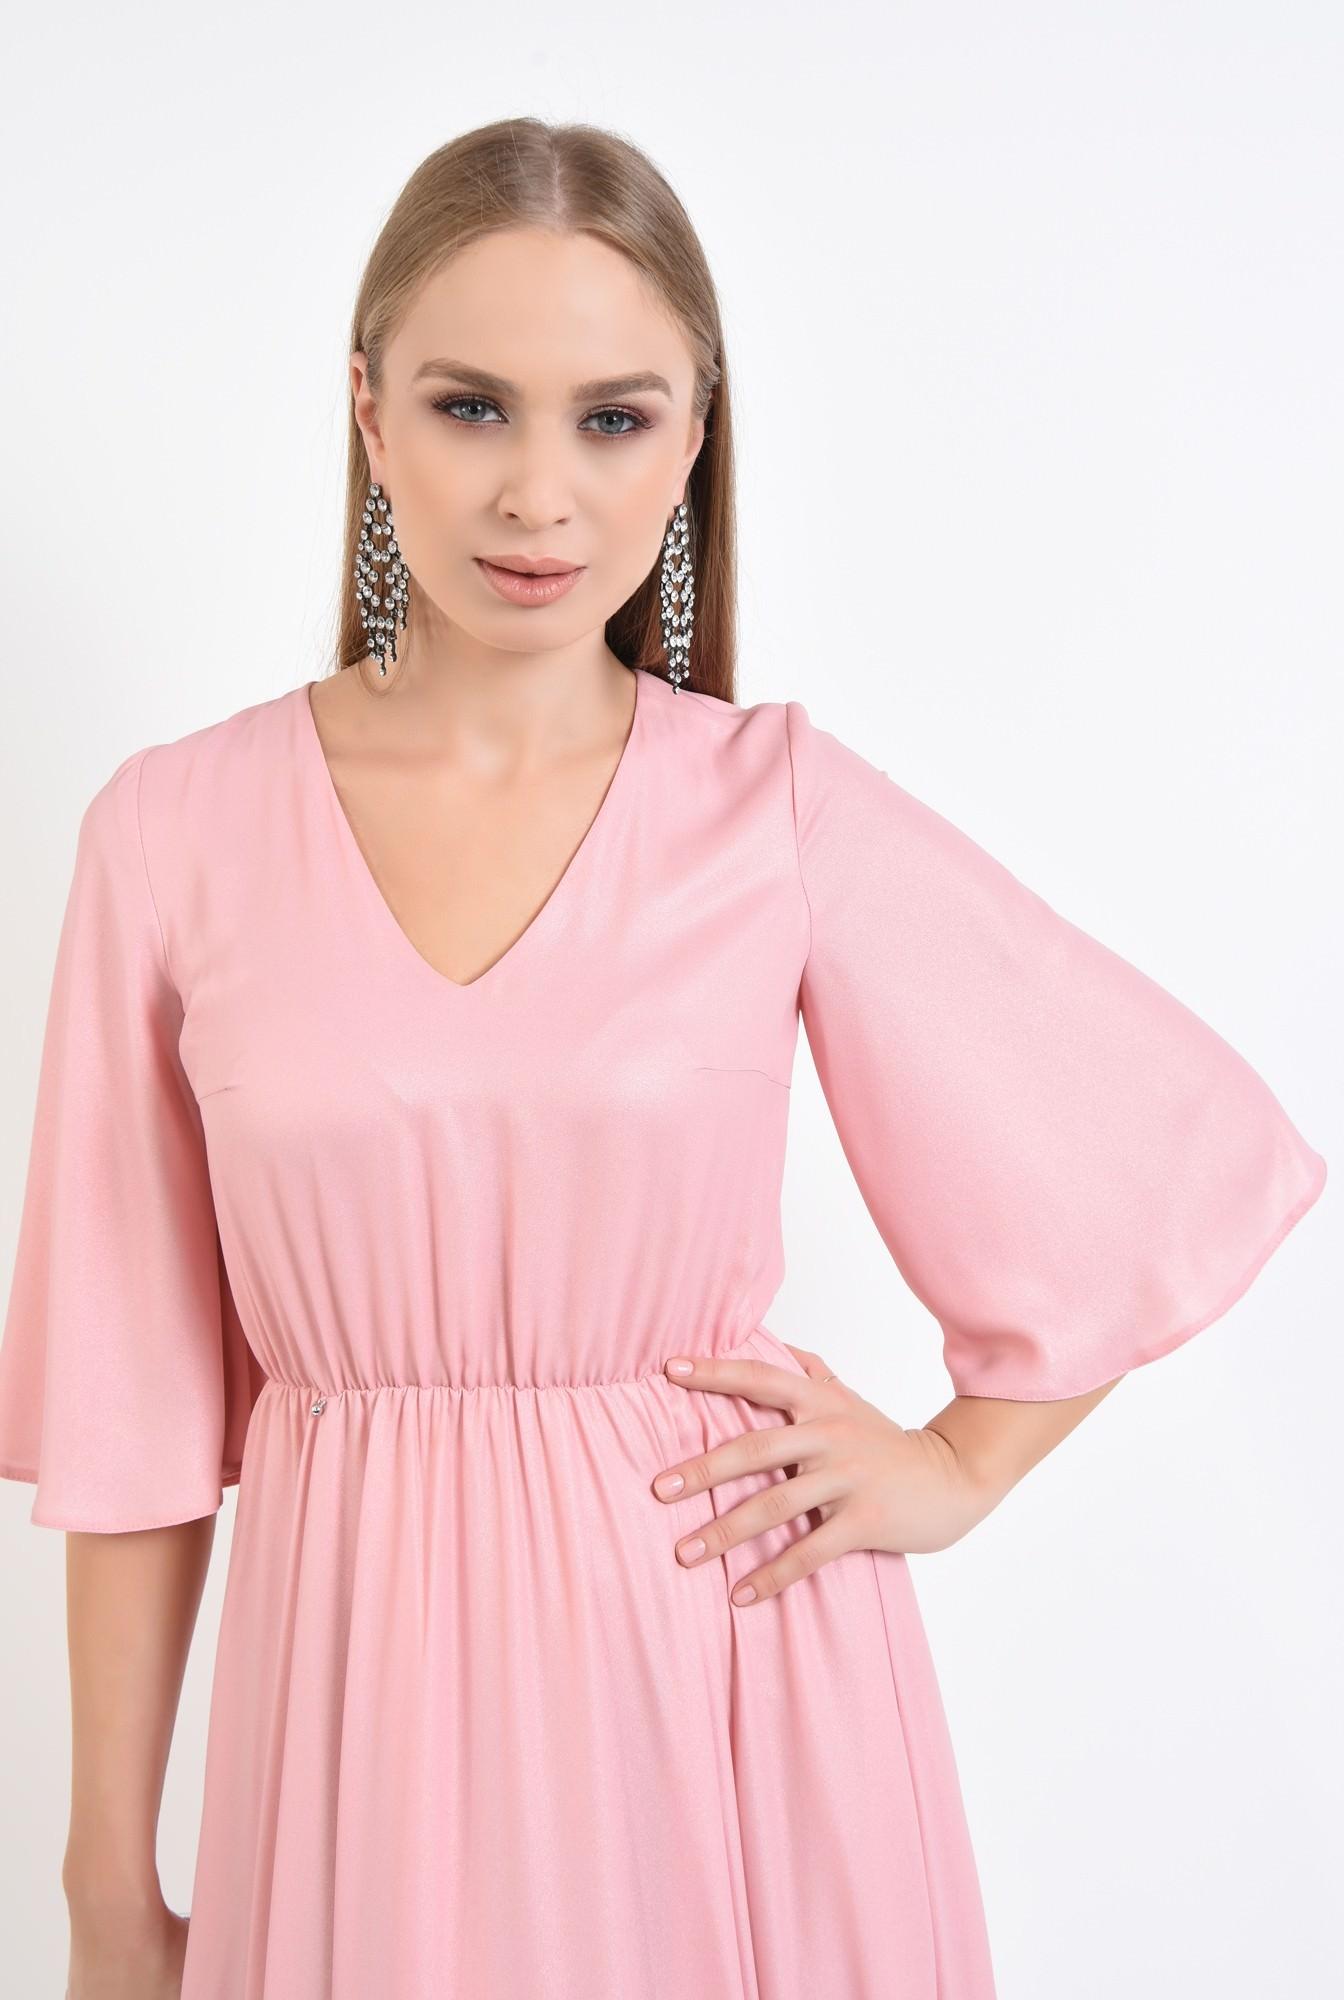 2 - rochie eleganta cloche, roz, lurex, midi